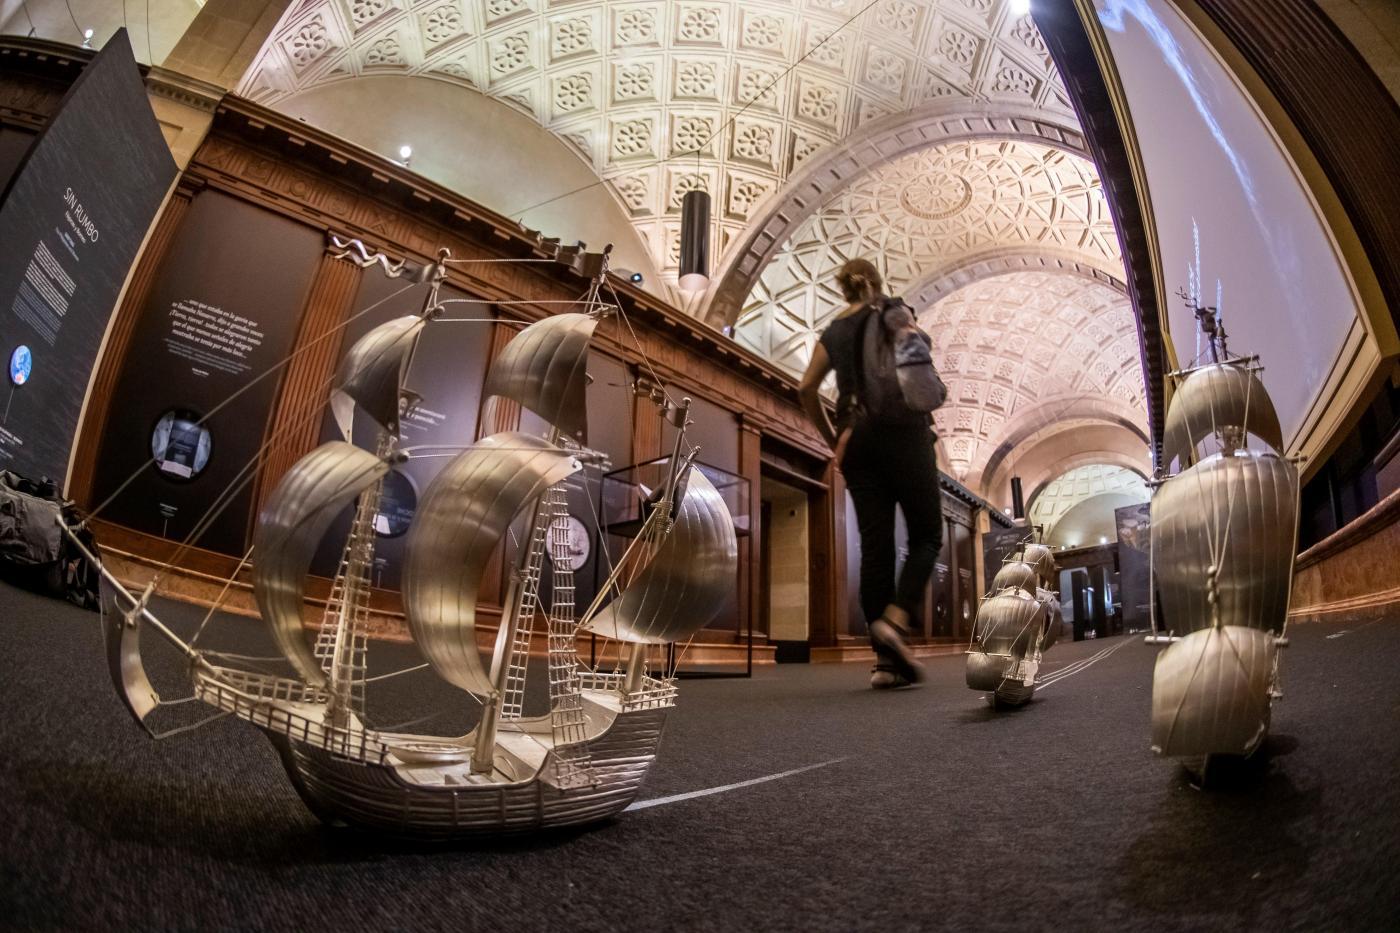 Visitamos la exposición «El viaje más largo: la primera vuelta al mundo» en el Archivo de Indias